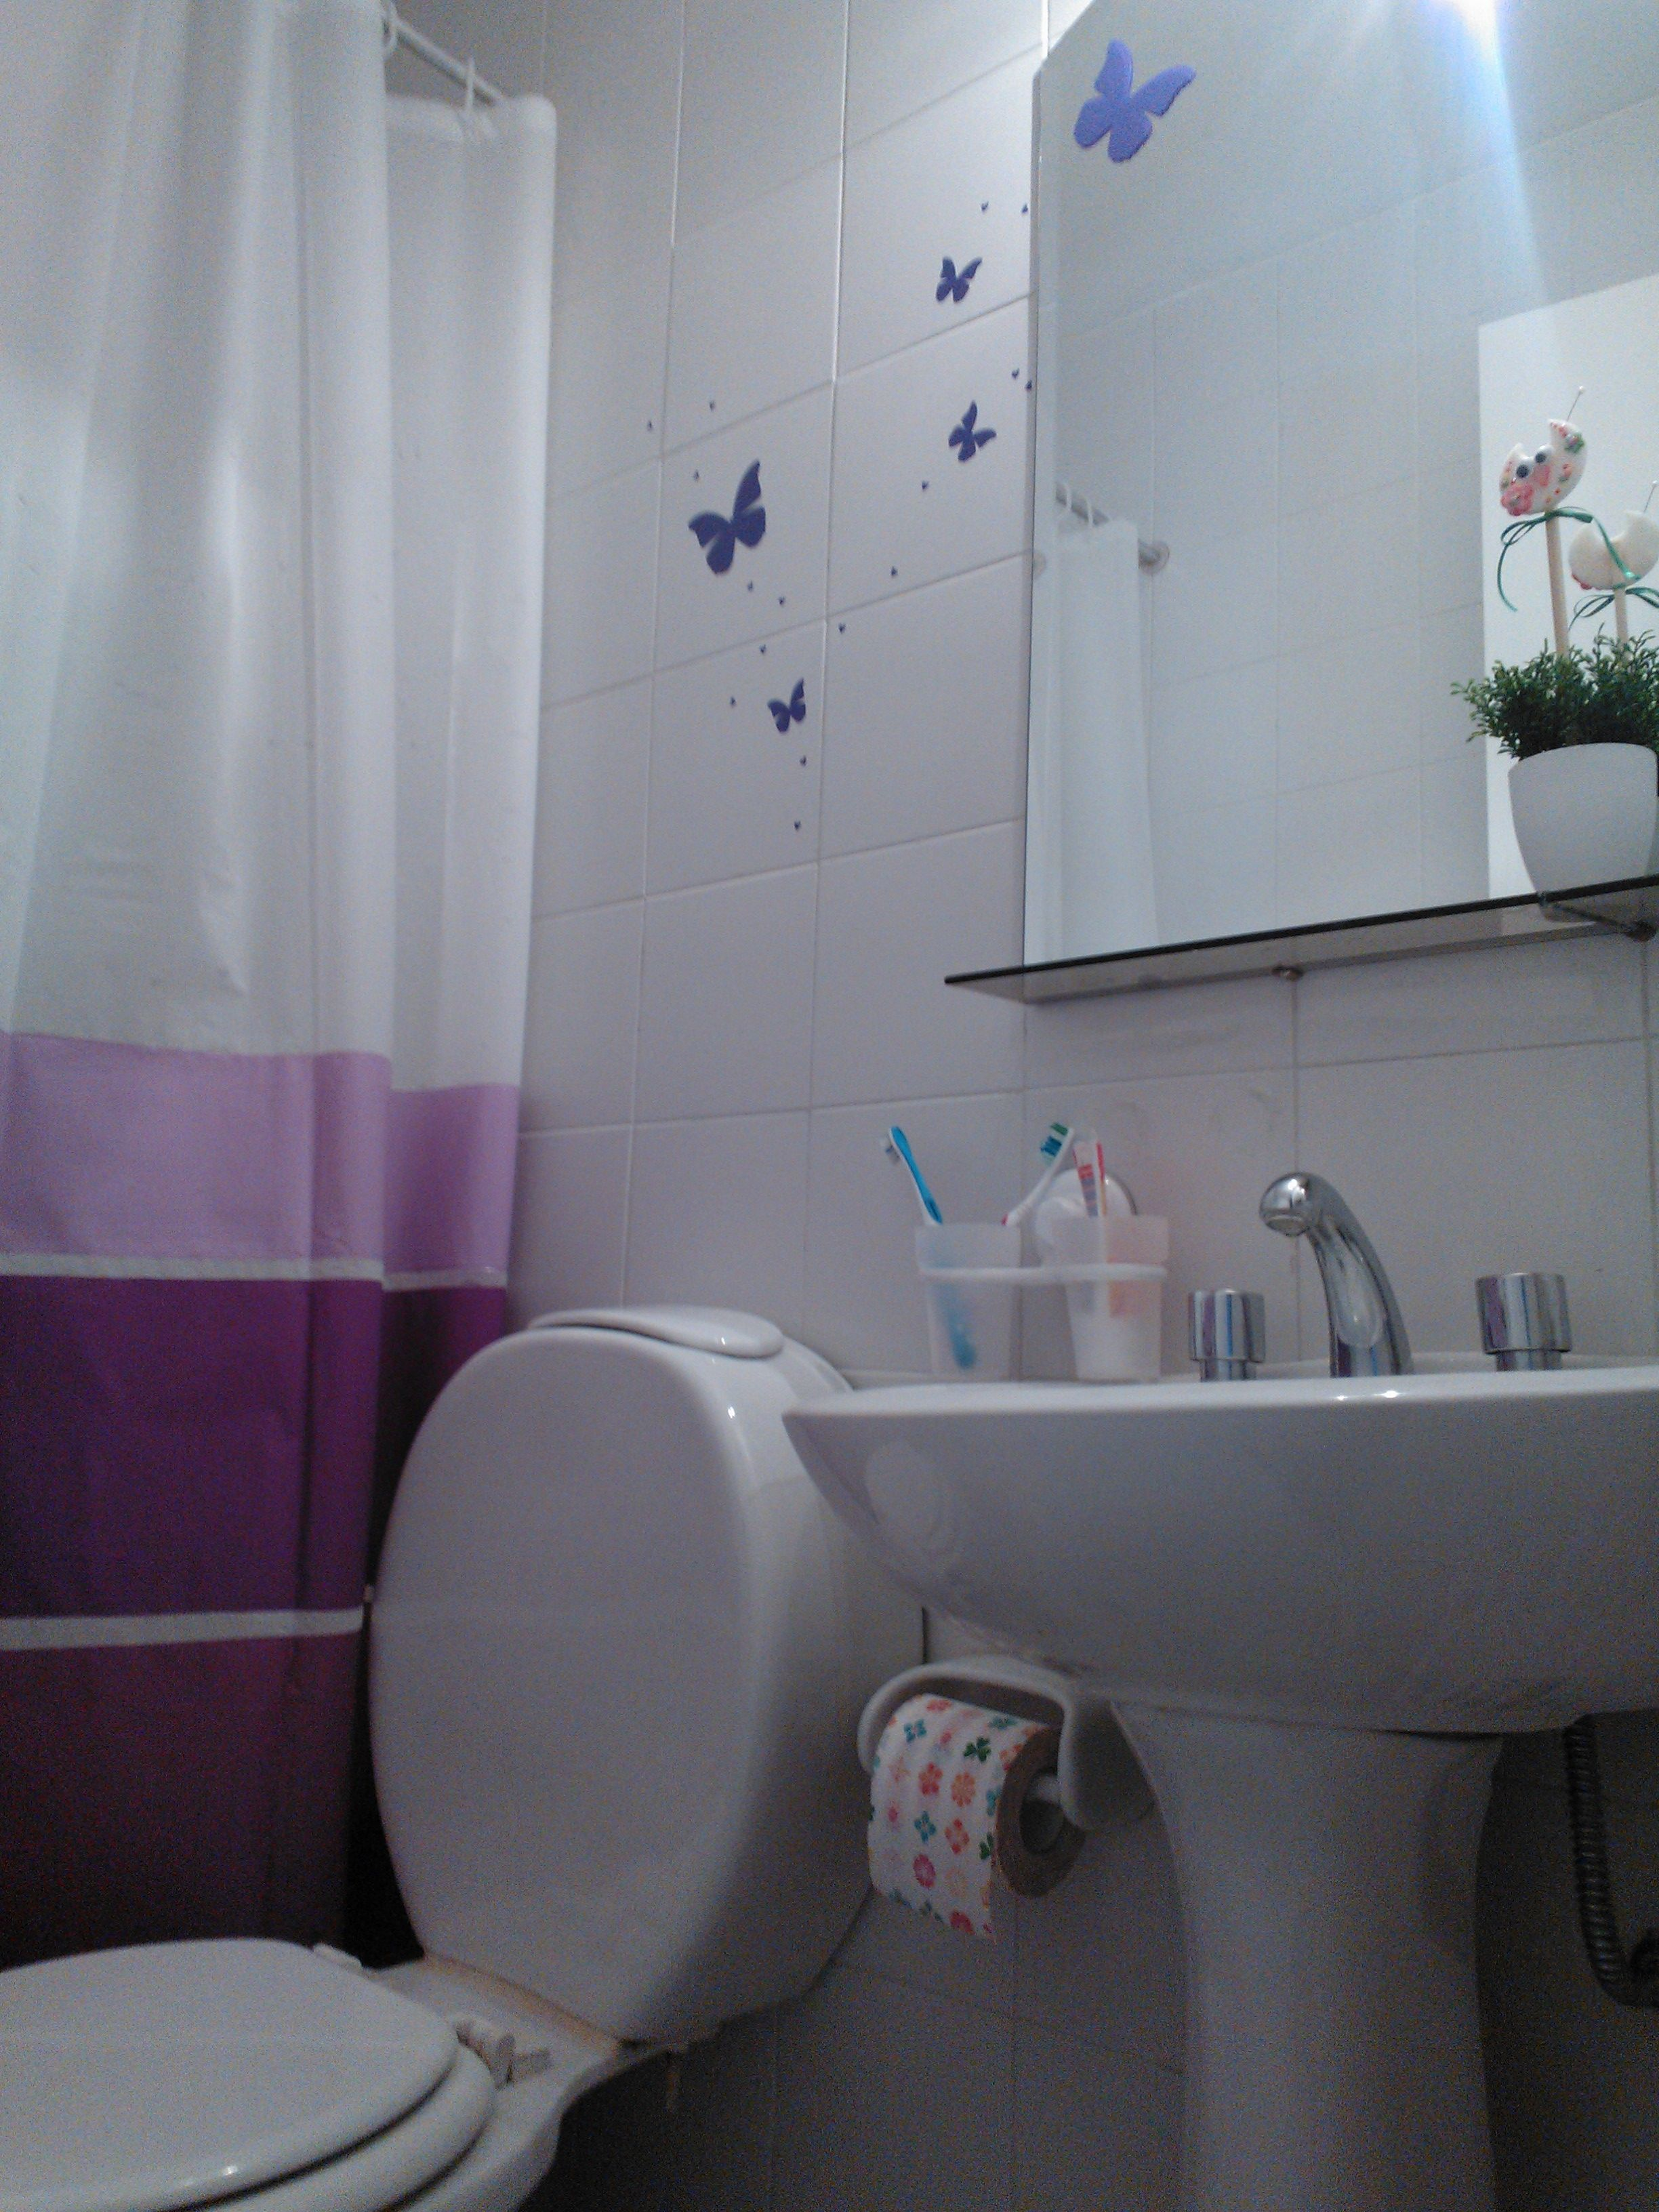 Detalles En El Bano Todo El Lila Y Violeta Decoracion Para El